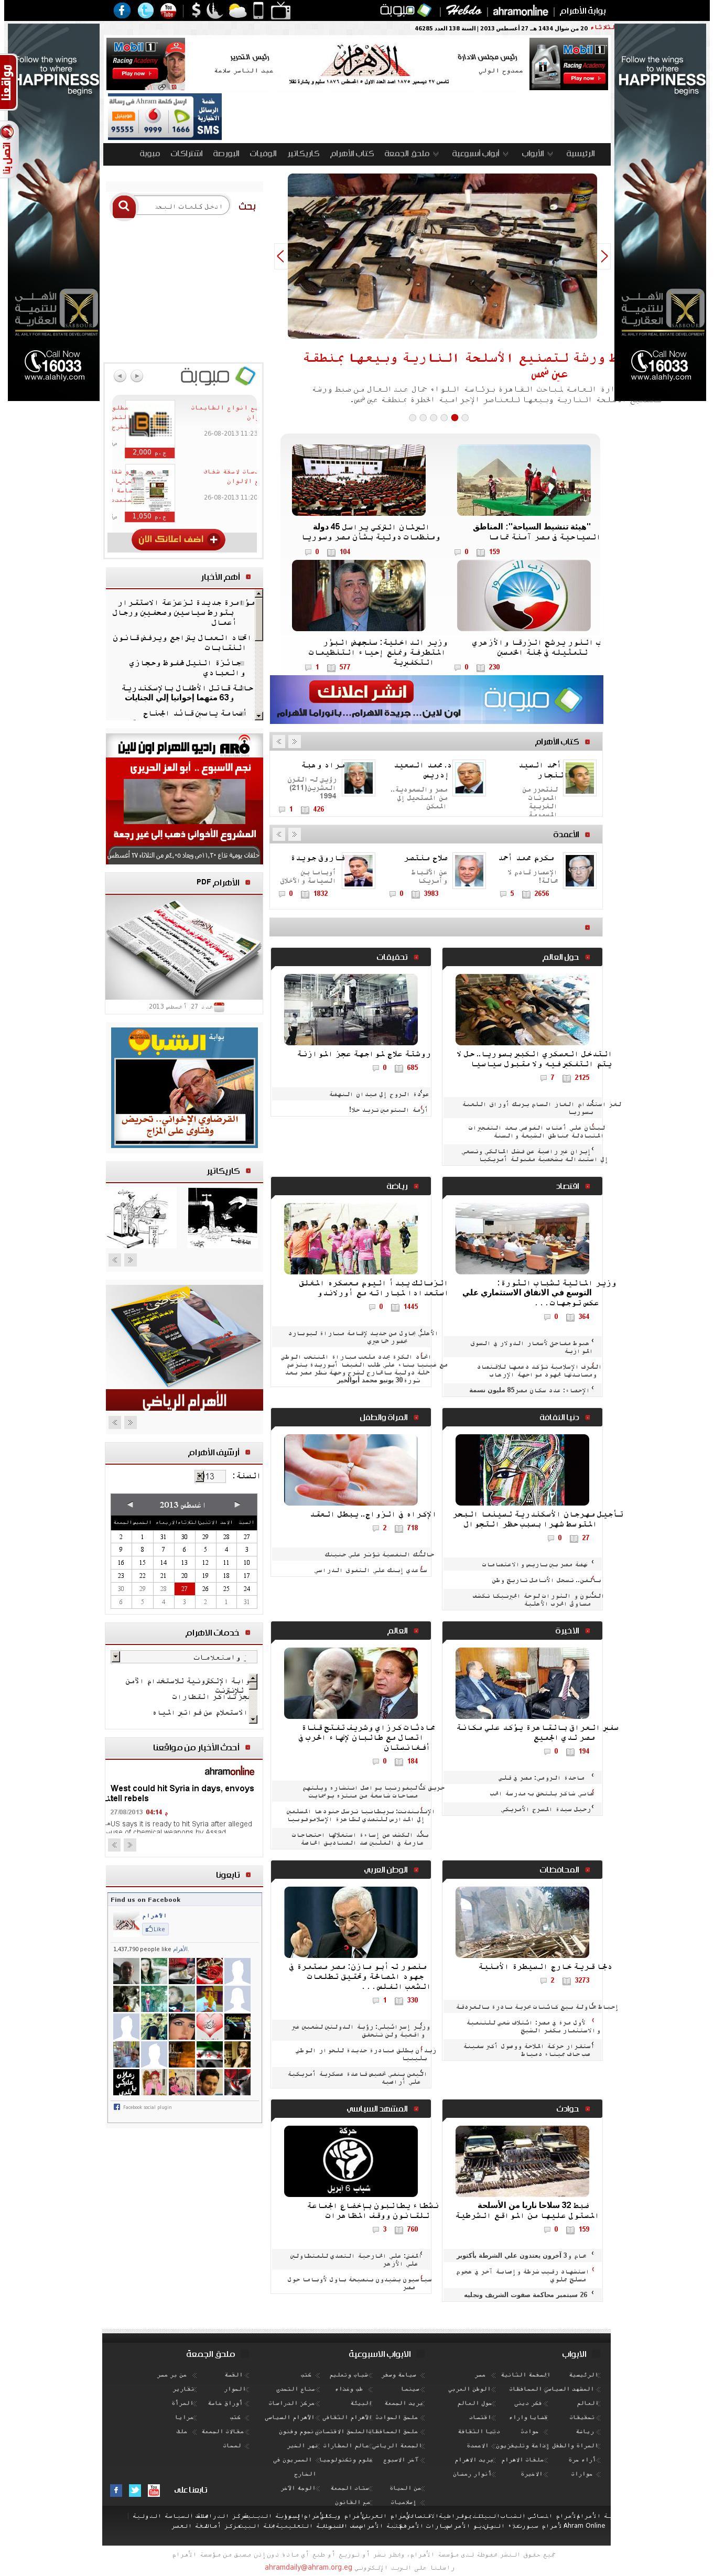 Al-Ahram at Tuesday Aug. 27, 2013, 5 p.m. UTC